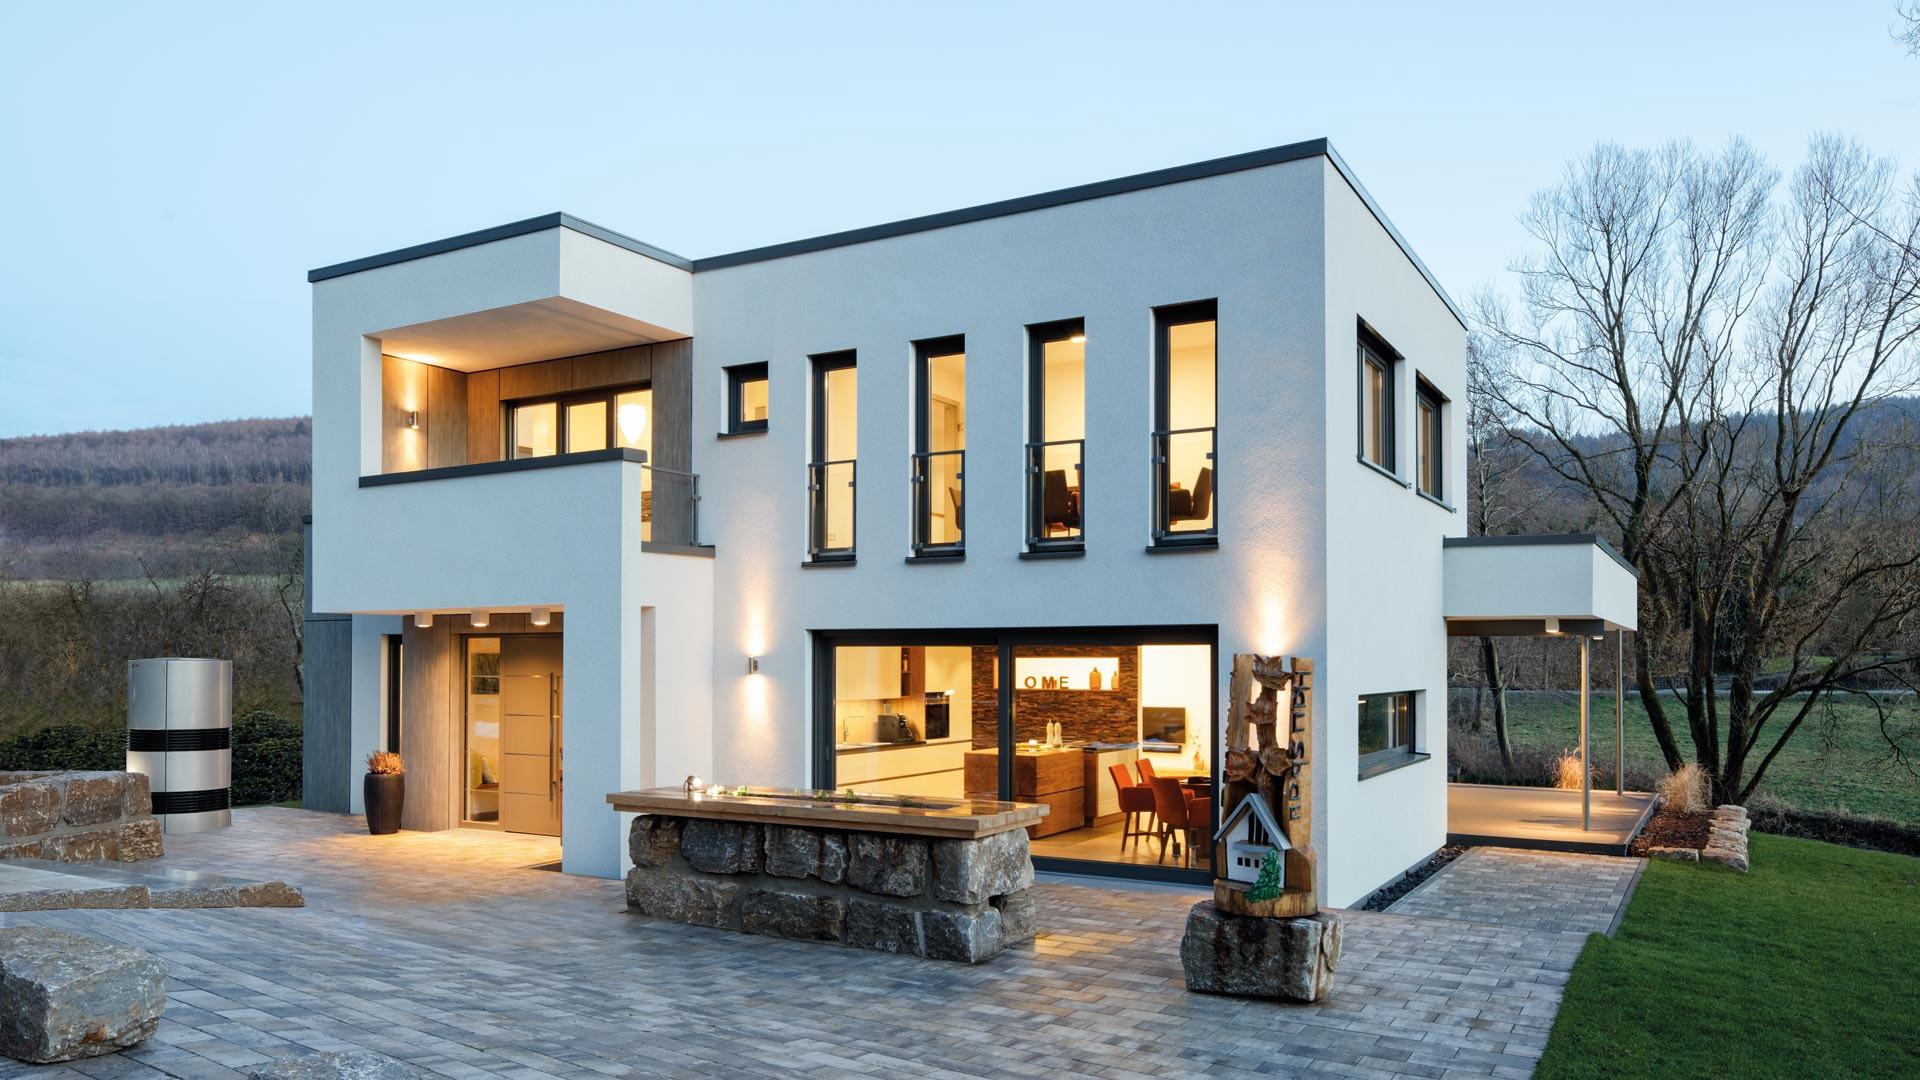 Nowoczesny dom z dużą ilością okien